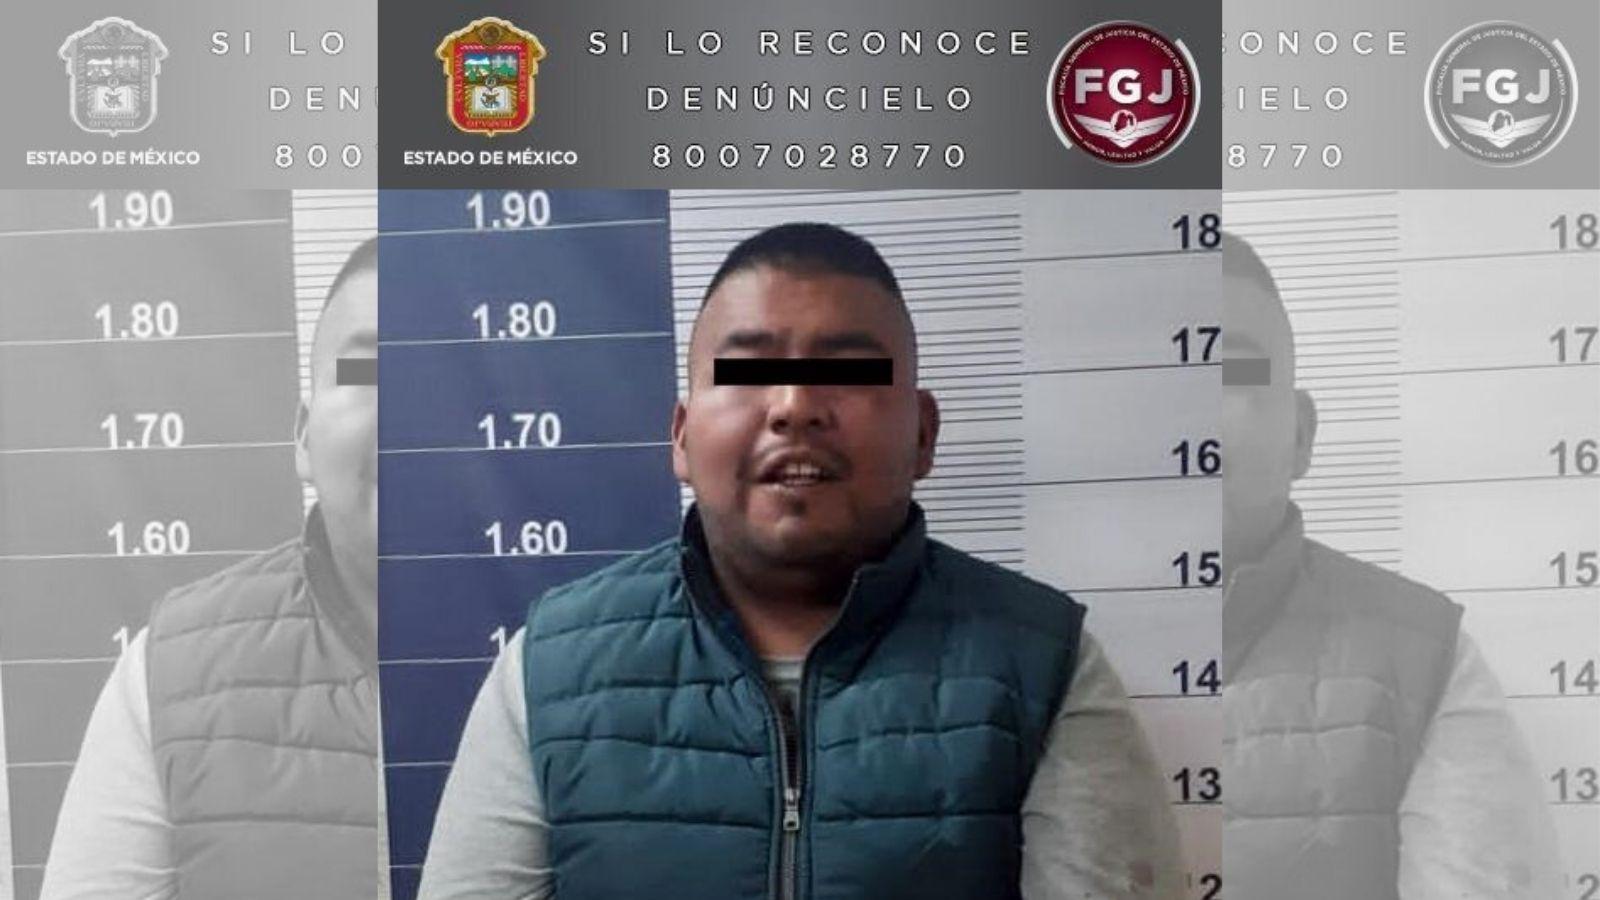 APREHENDEN EN CHALCO A EXTORSIONADOR QUE SE OSTENTABA COMO MIEMBRO DE ORGANIZACIÓN CRIMINAL